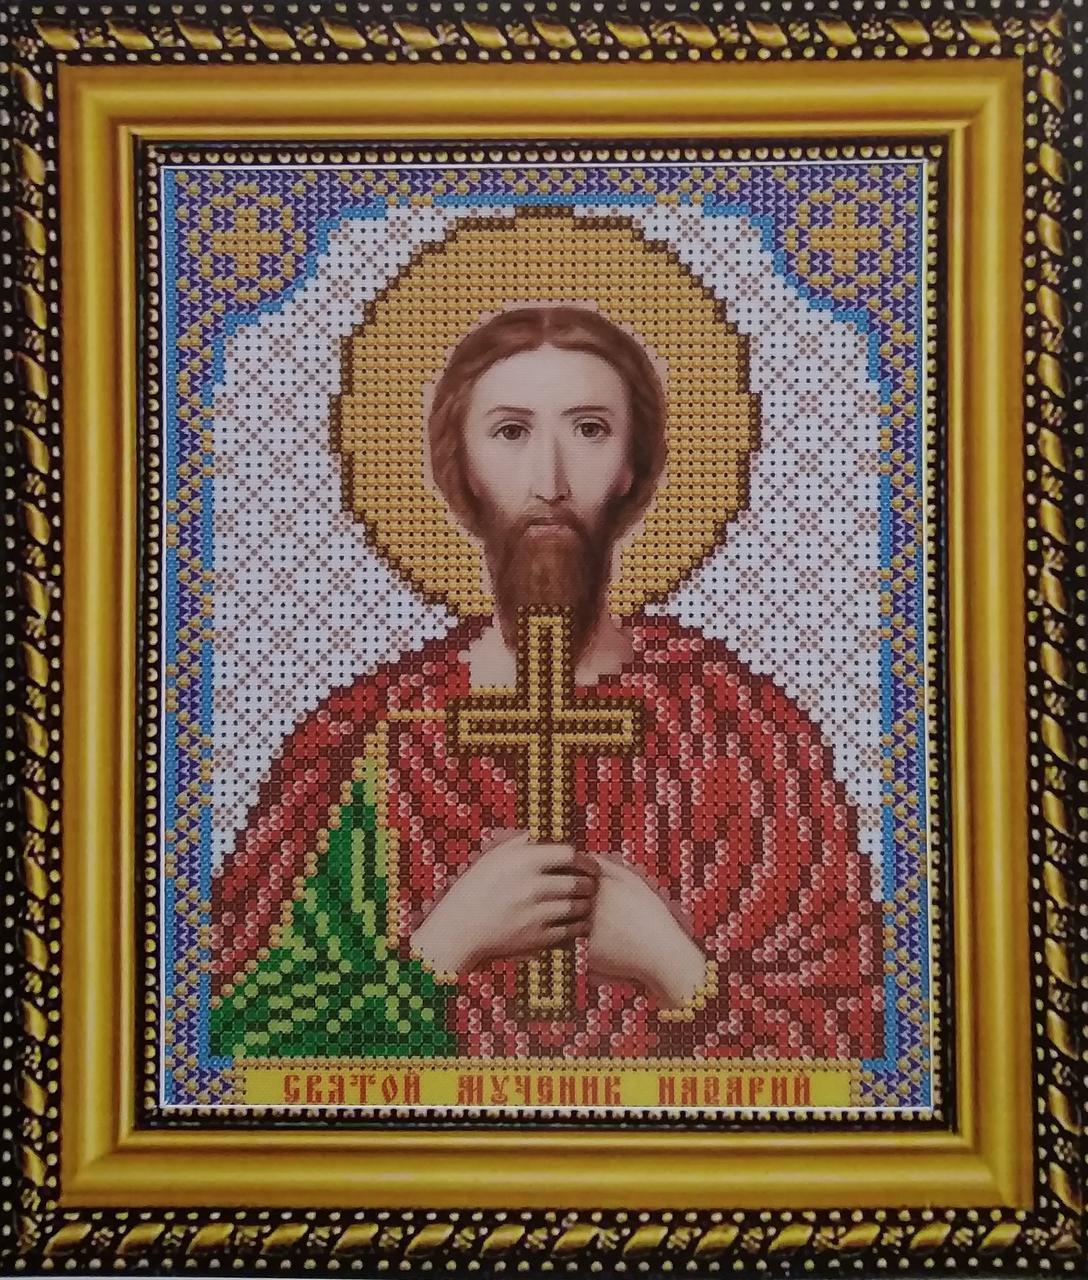 Набор для вышивки бисером ArtWork икона святой Мученик Назарий VIA 5109